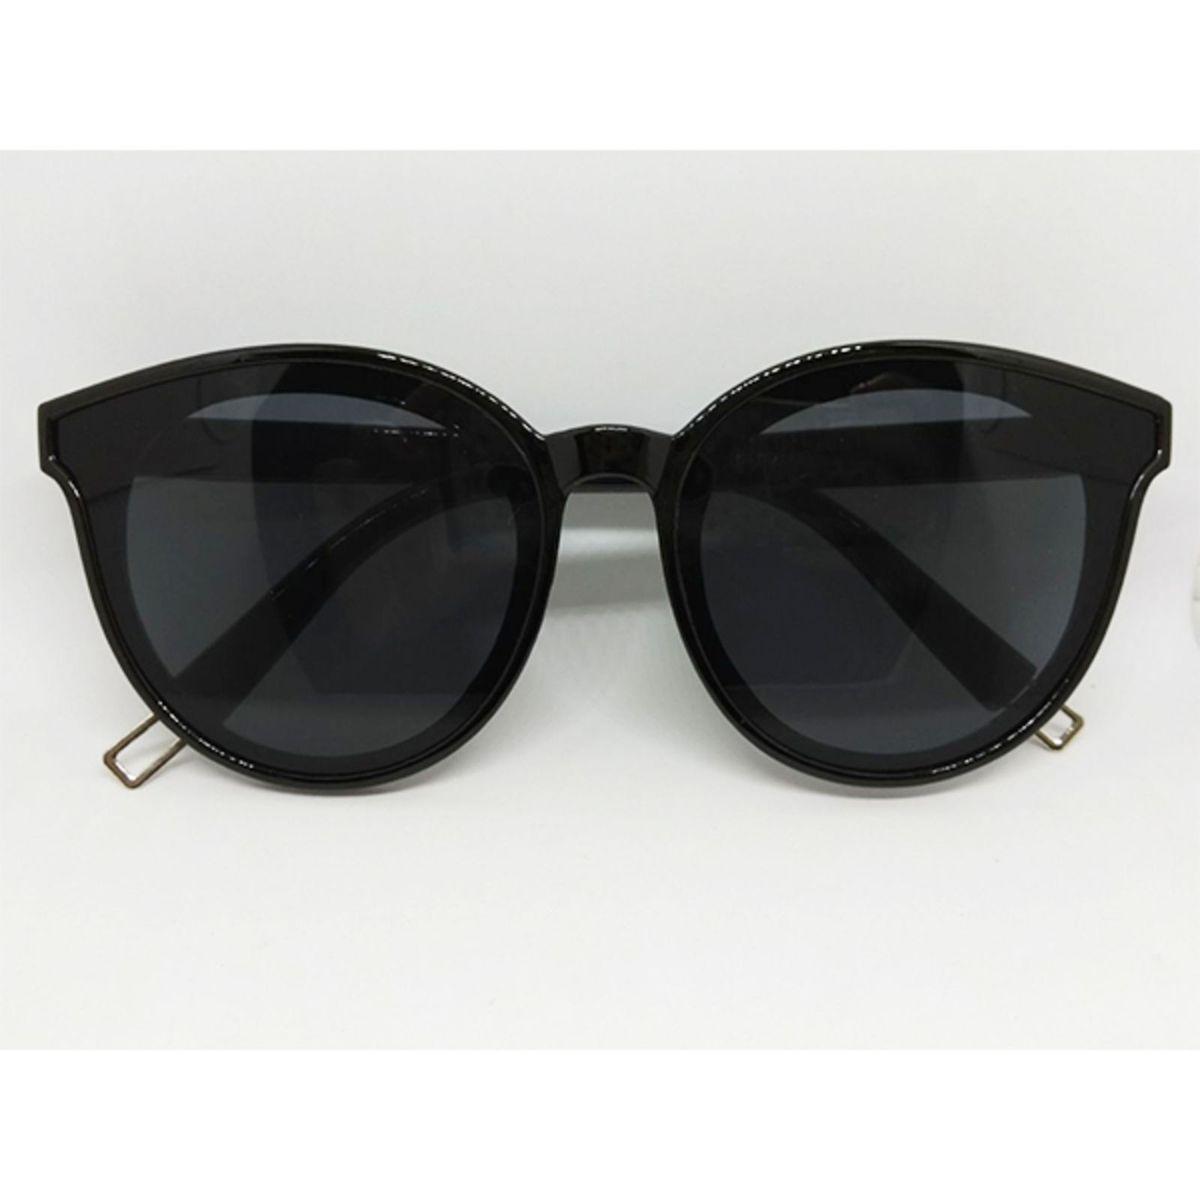 Óculos de Sol Preto Gatinho Blogueirinha   Óculos Feminino Lecoleto ... 9b6daabc81